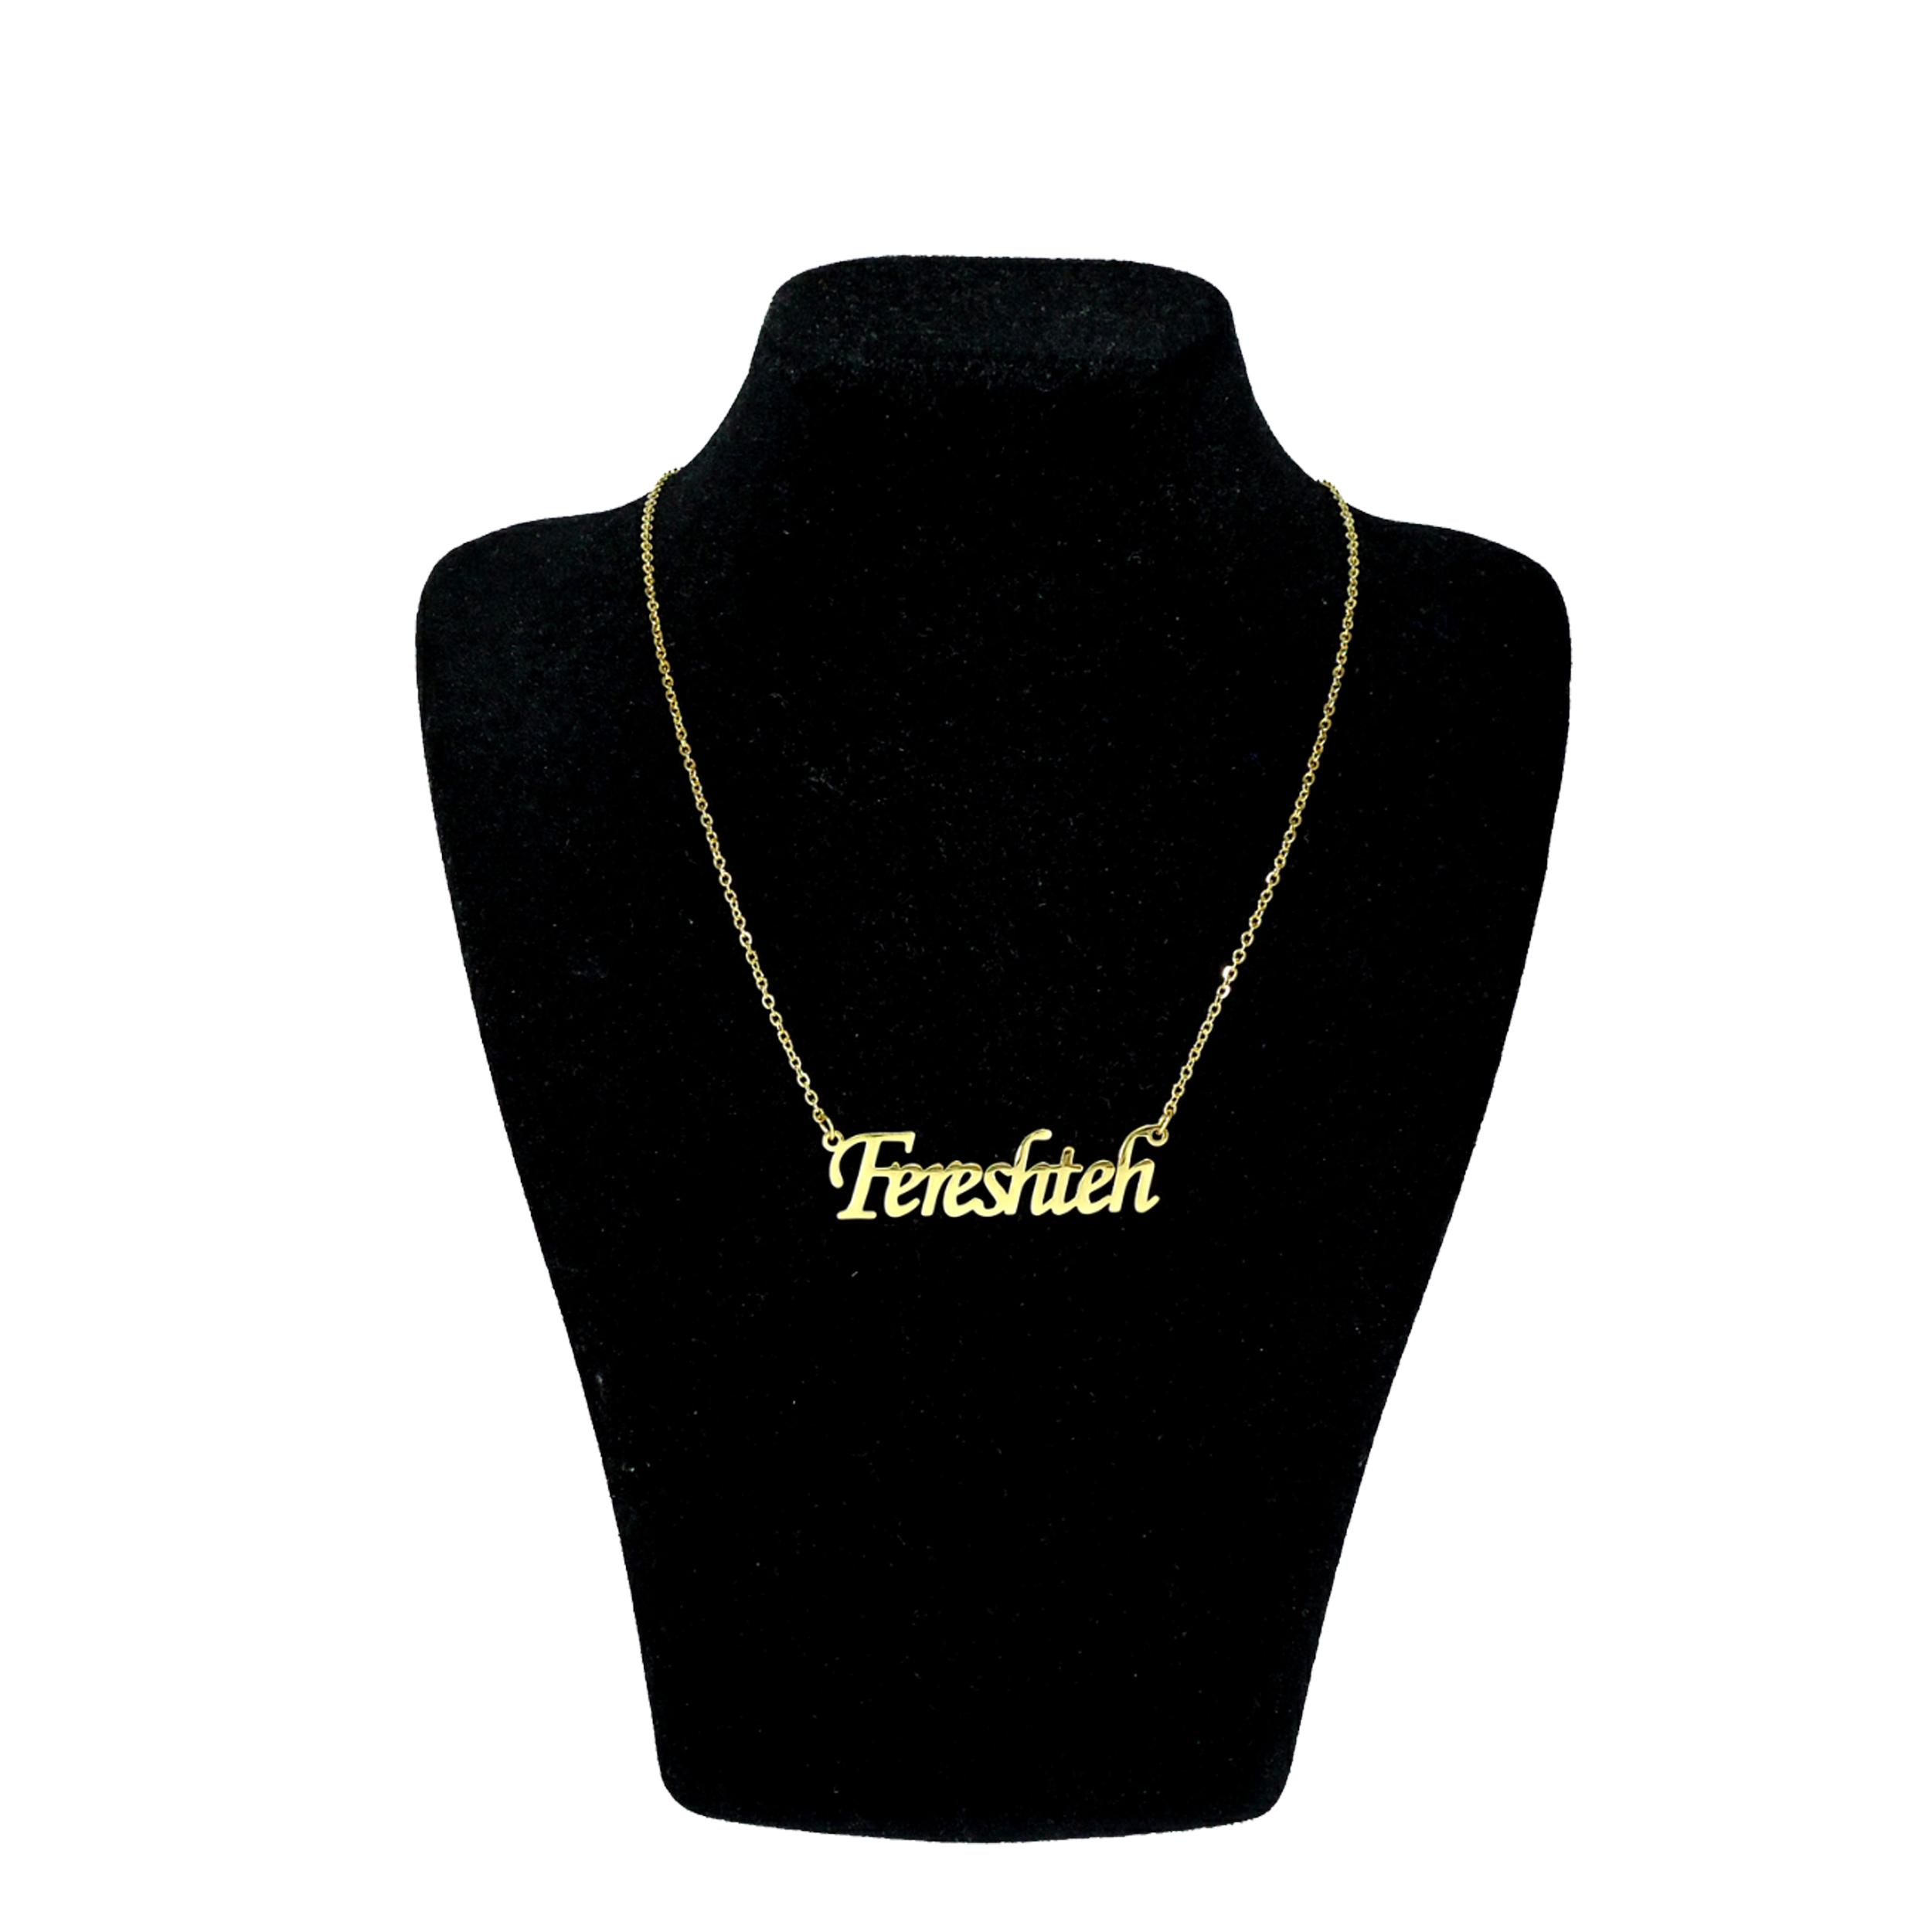 گردنبند نقره زنانه ژوپینگ طرح فرشته کد A03